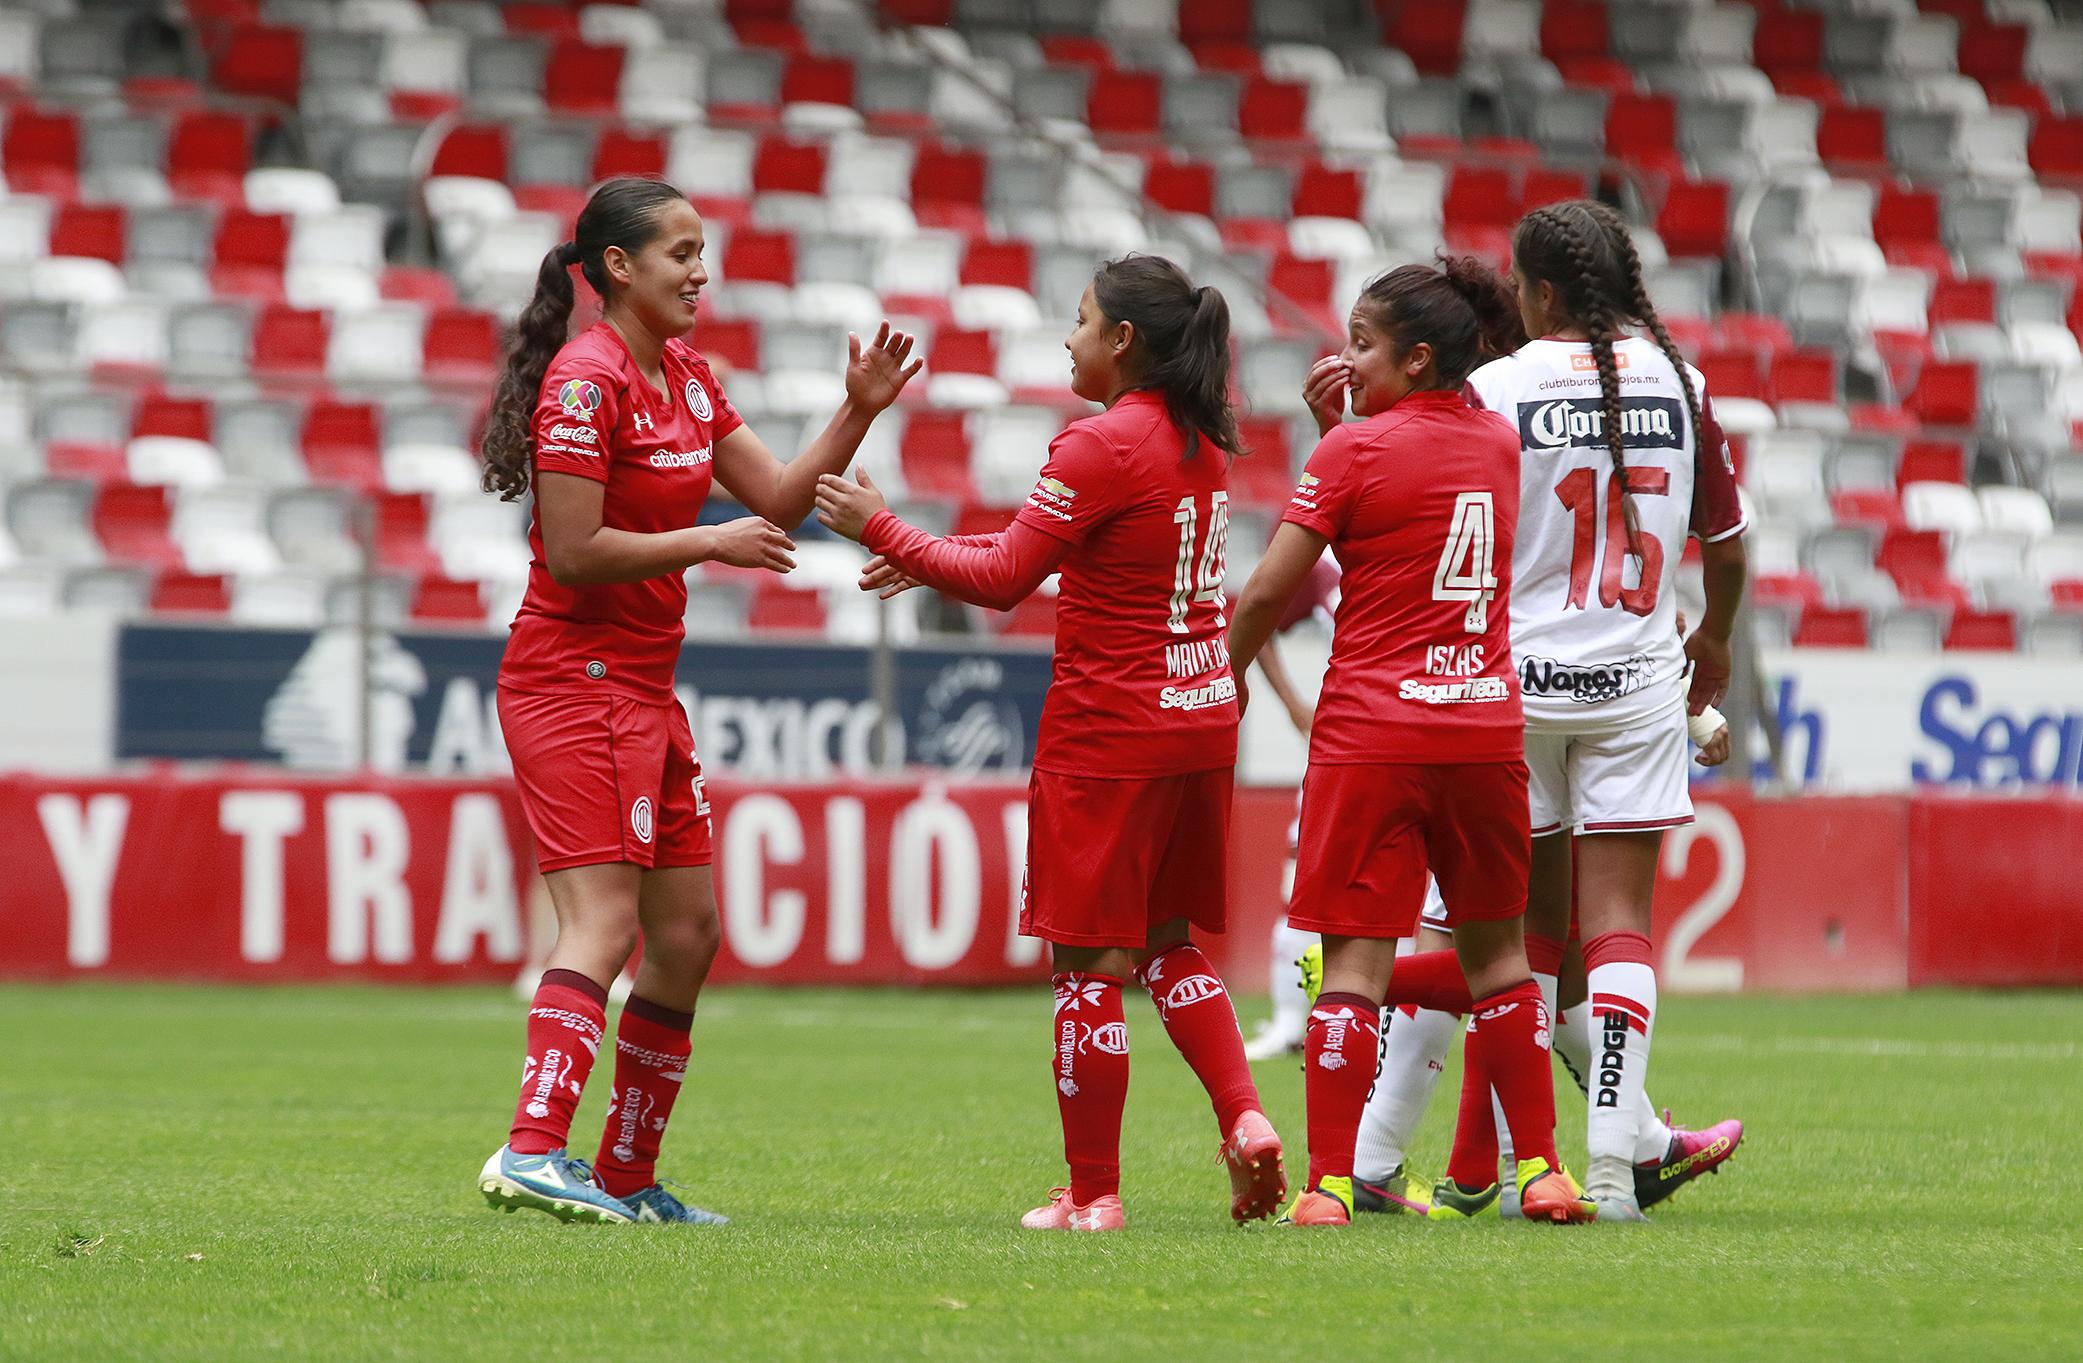 Afbeeldingsresultaat voor deportivo toluca femenil